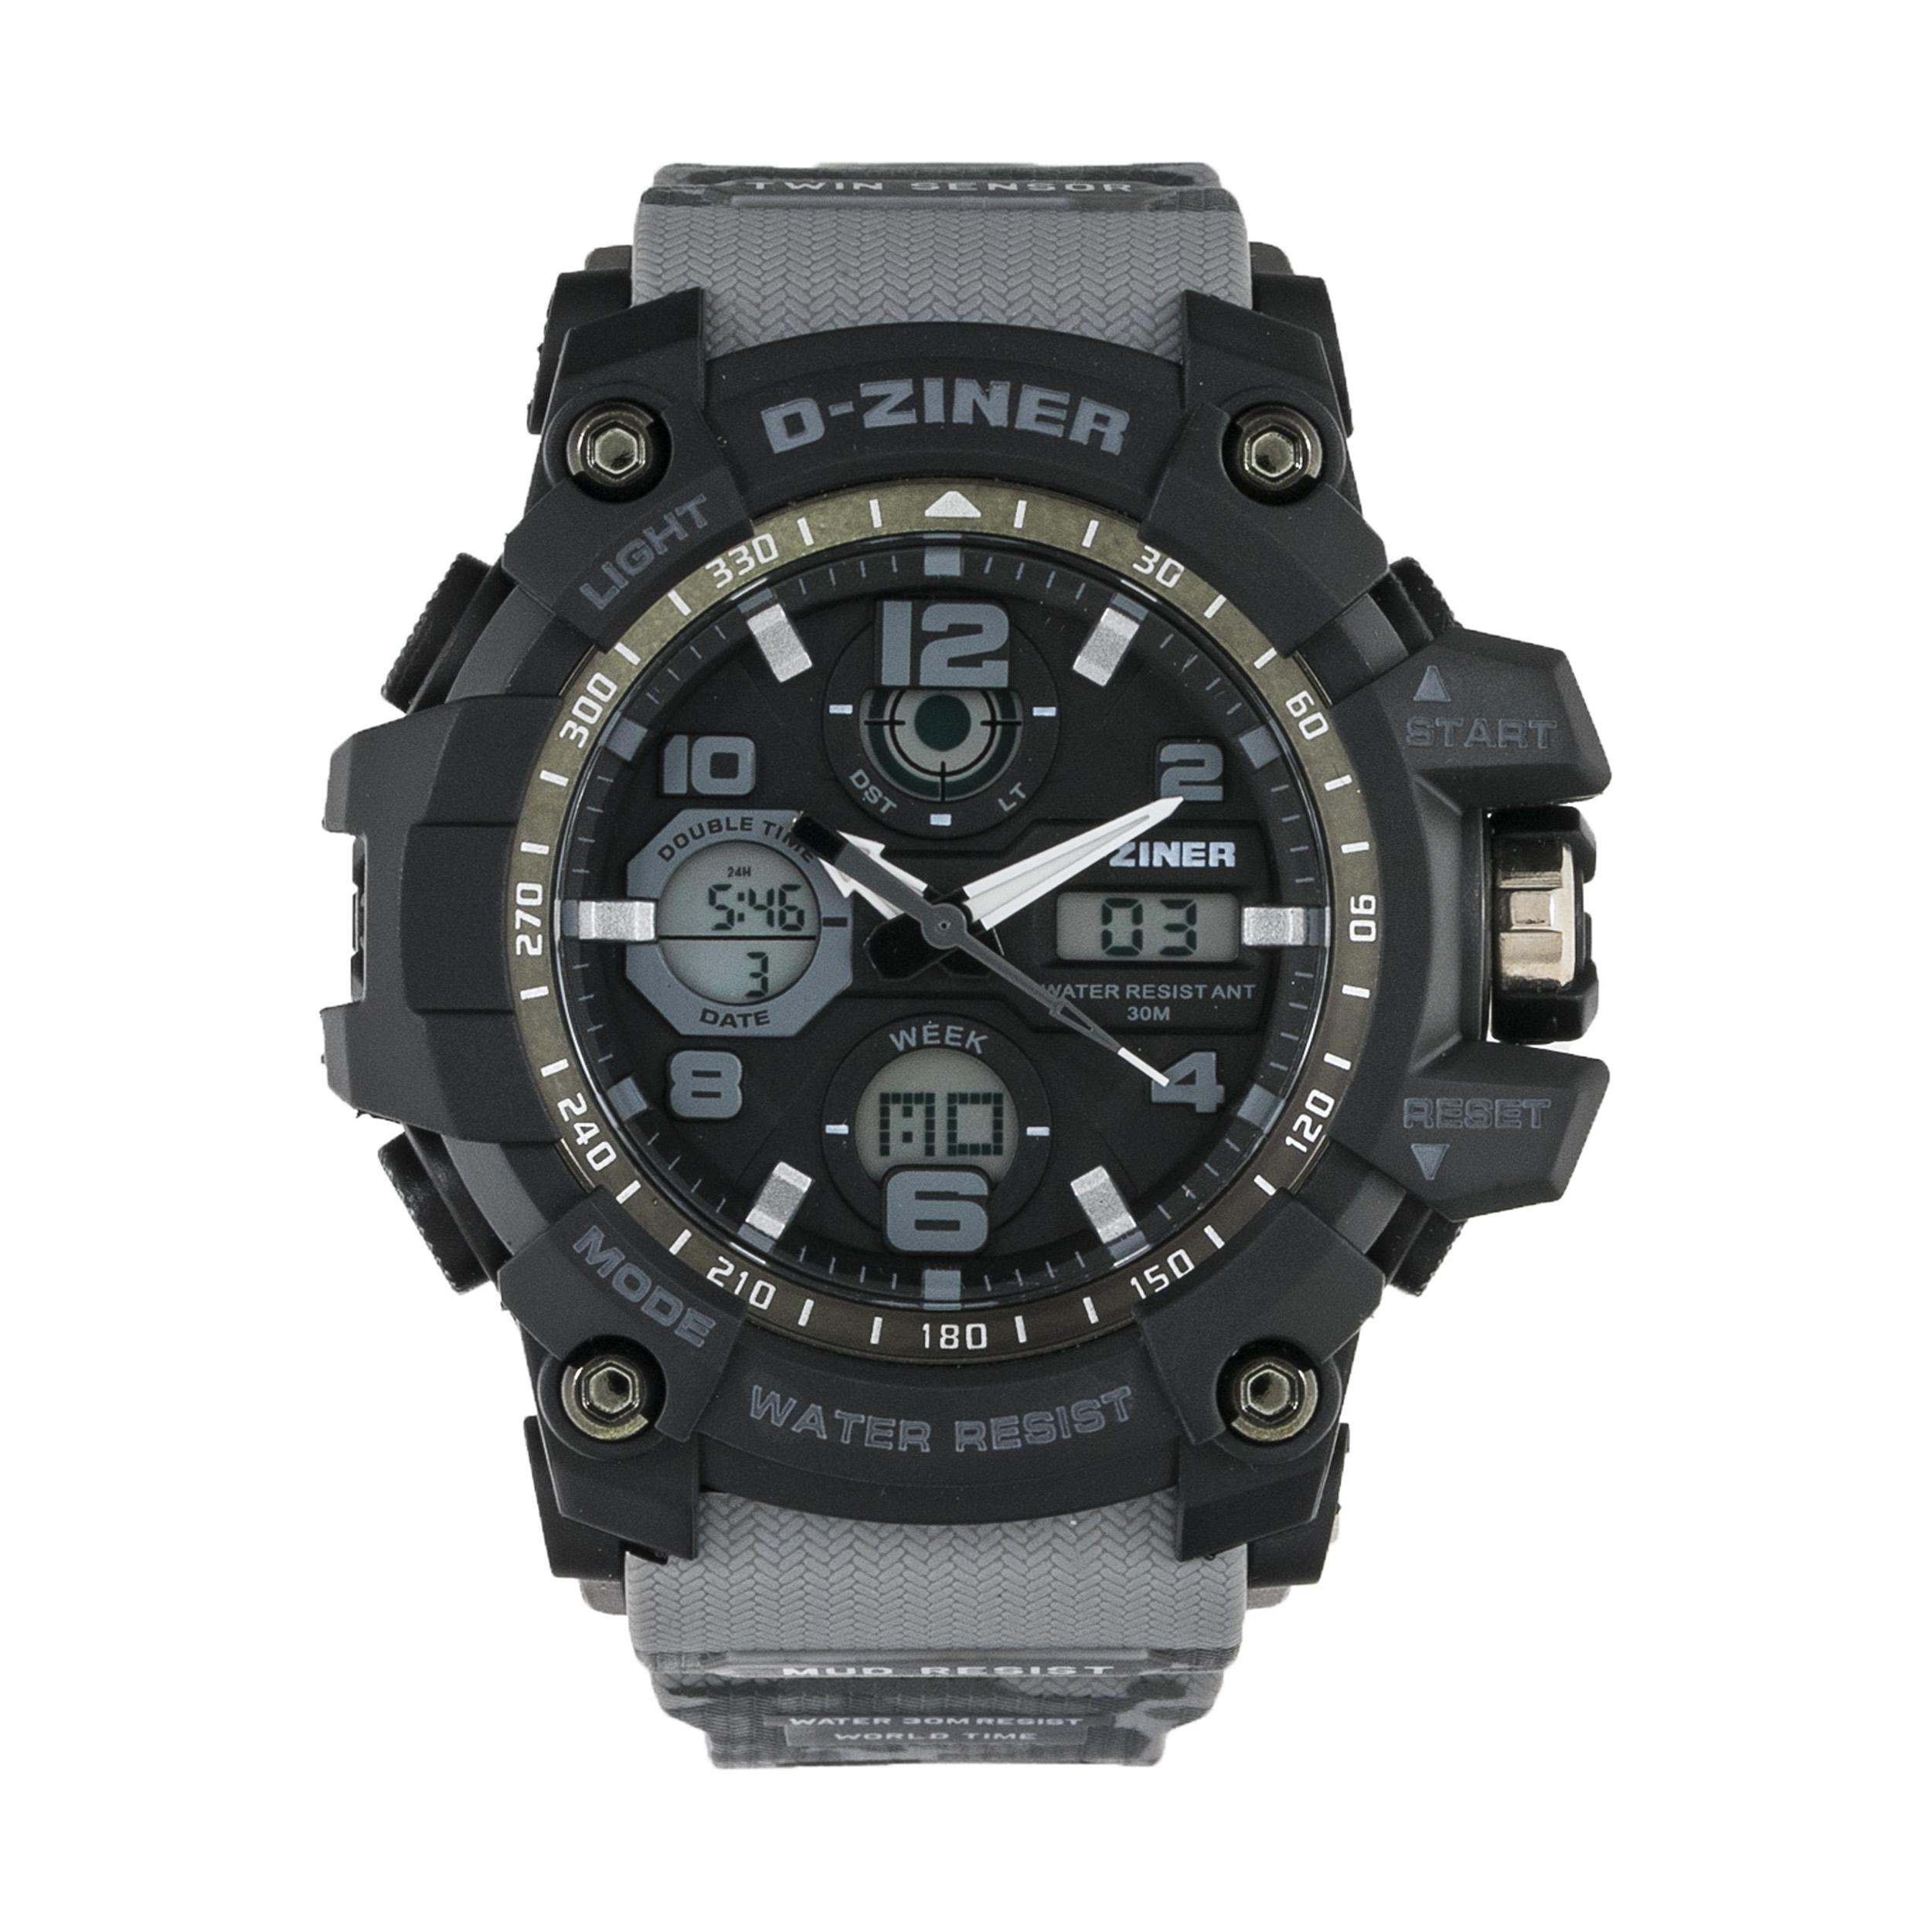 ساعت مچی عقربه ای مردانه دیزاینر مدل D-Z7007 48